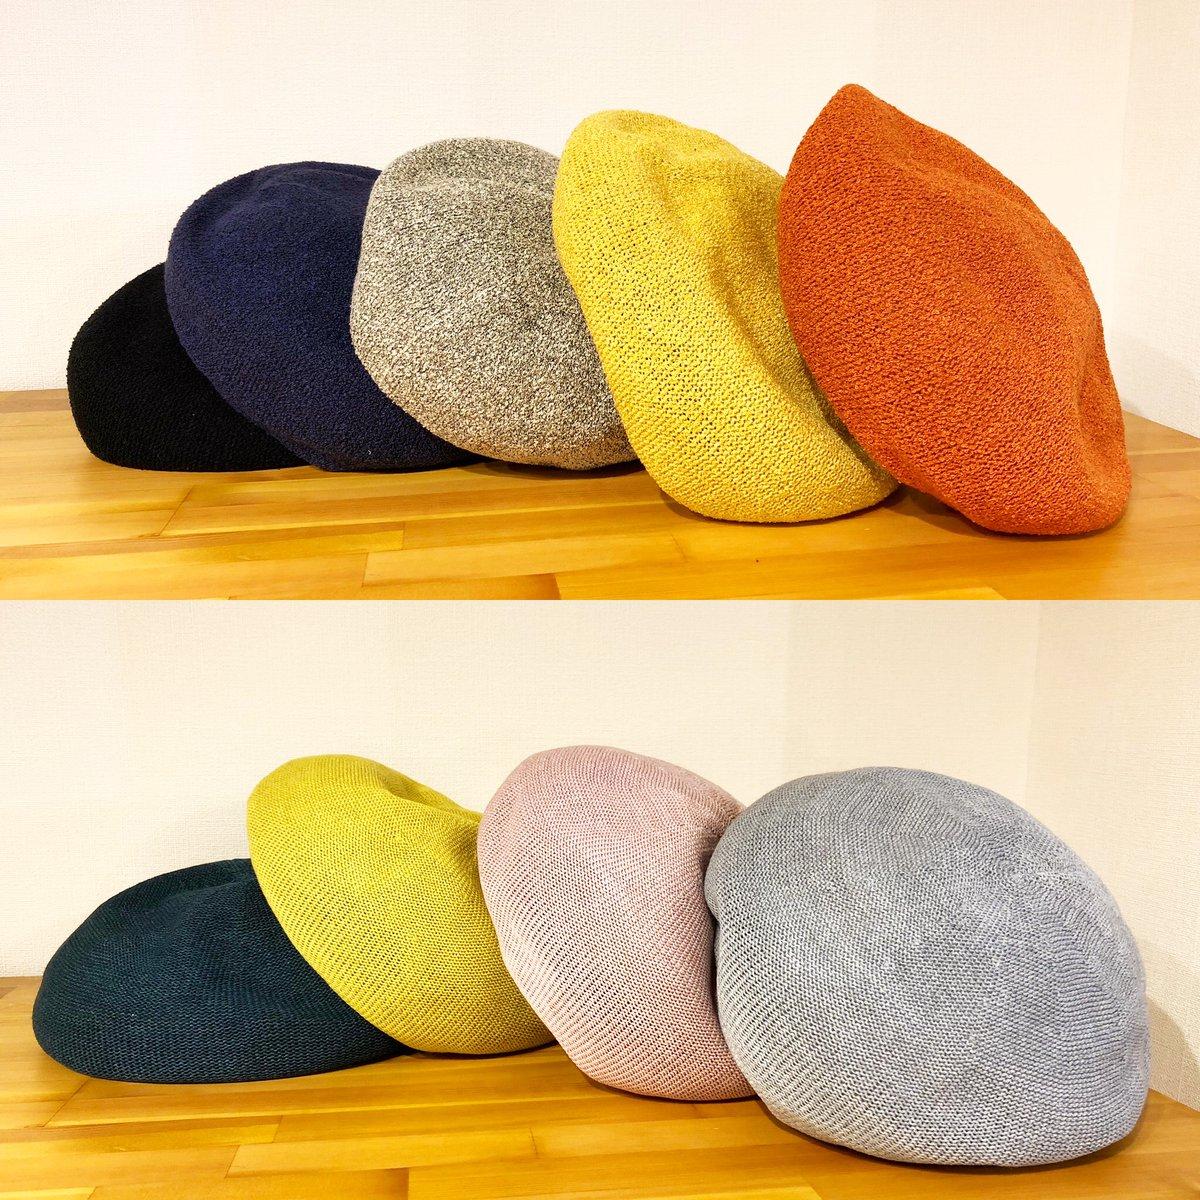 今からおすすめなきれいなカラーのベレーが入荷してます。 上段:¥3630 (TAX IN)  下段:¥6600 (TAX IN)   #帽子屋 #帽子 #ベレー #浅草 #浅草寺 #スカイツリー #合羽橋 #道具街 #asakusa #sensouji #skytree #kappabashi #kitchentown #beret #hat #hatshop